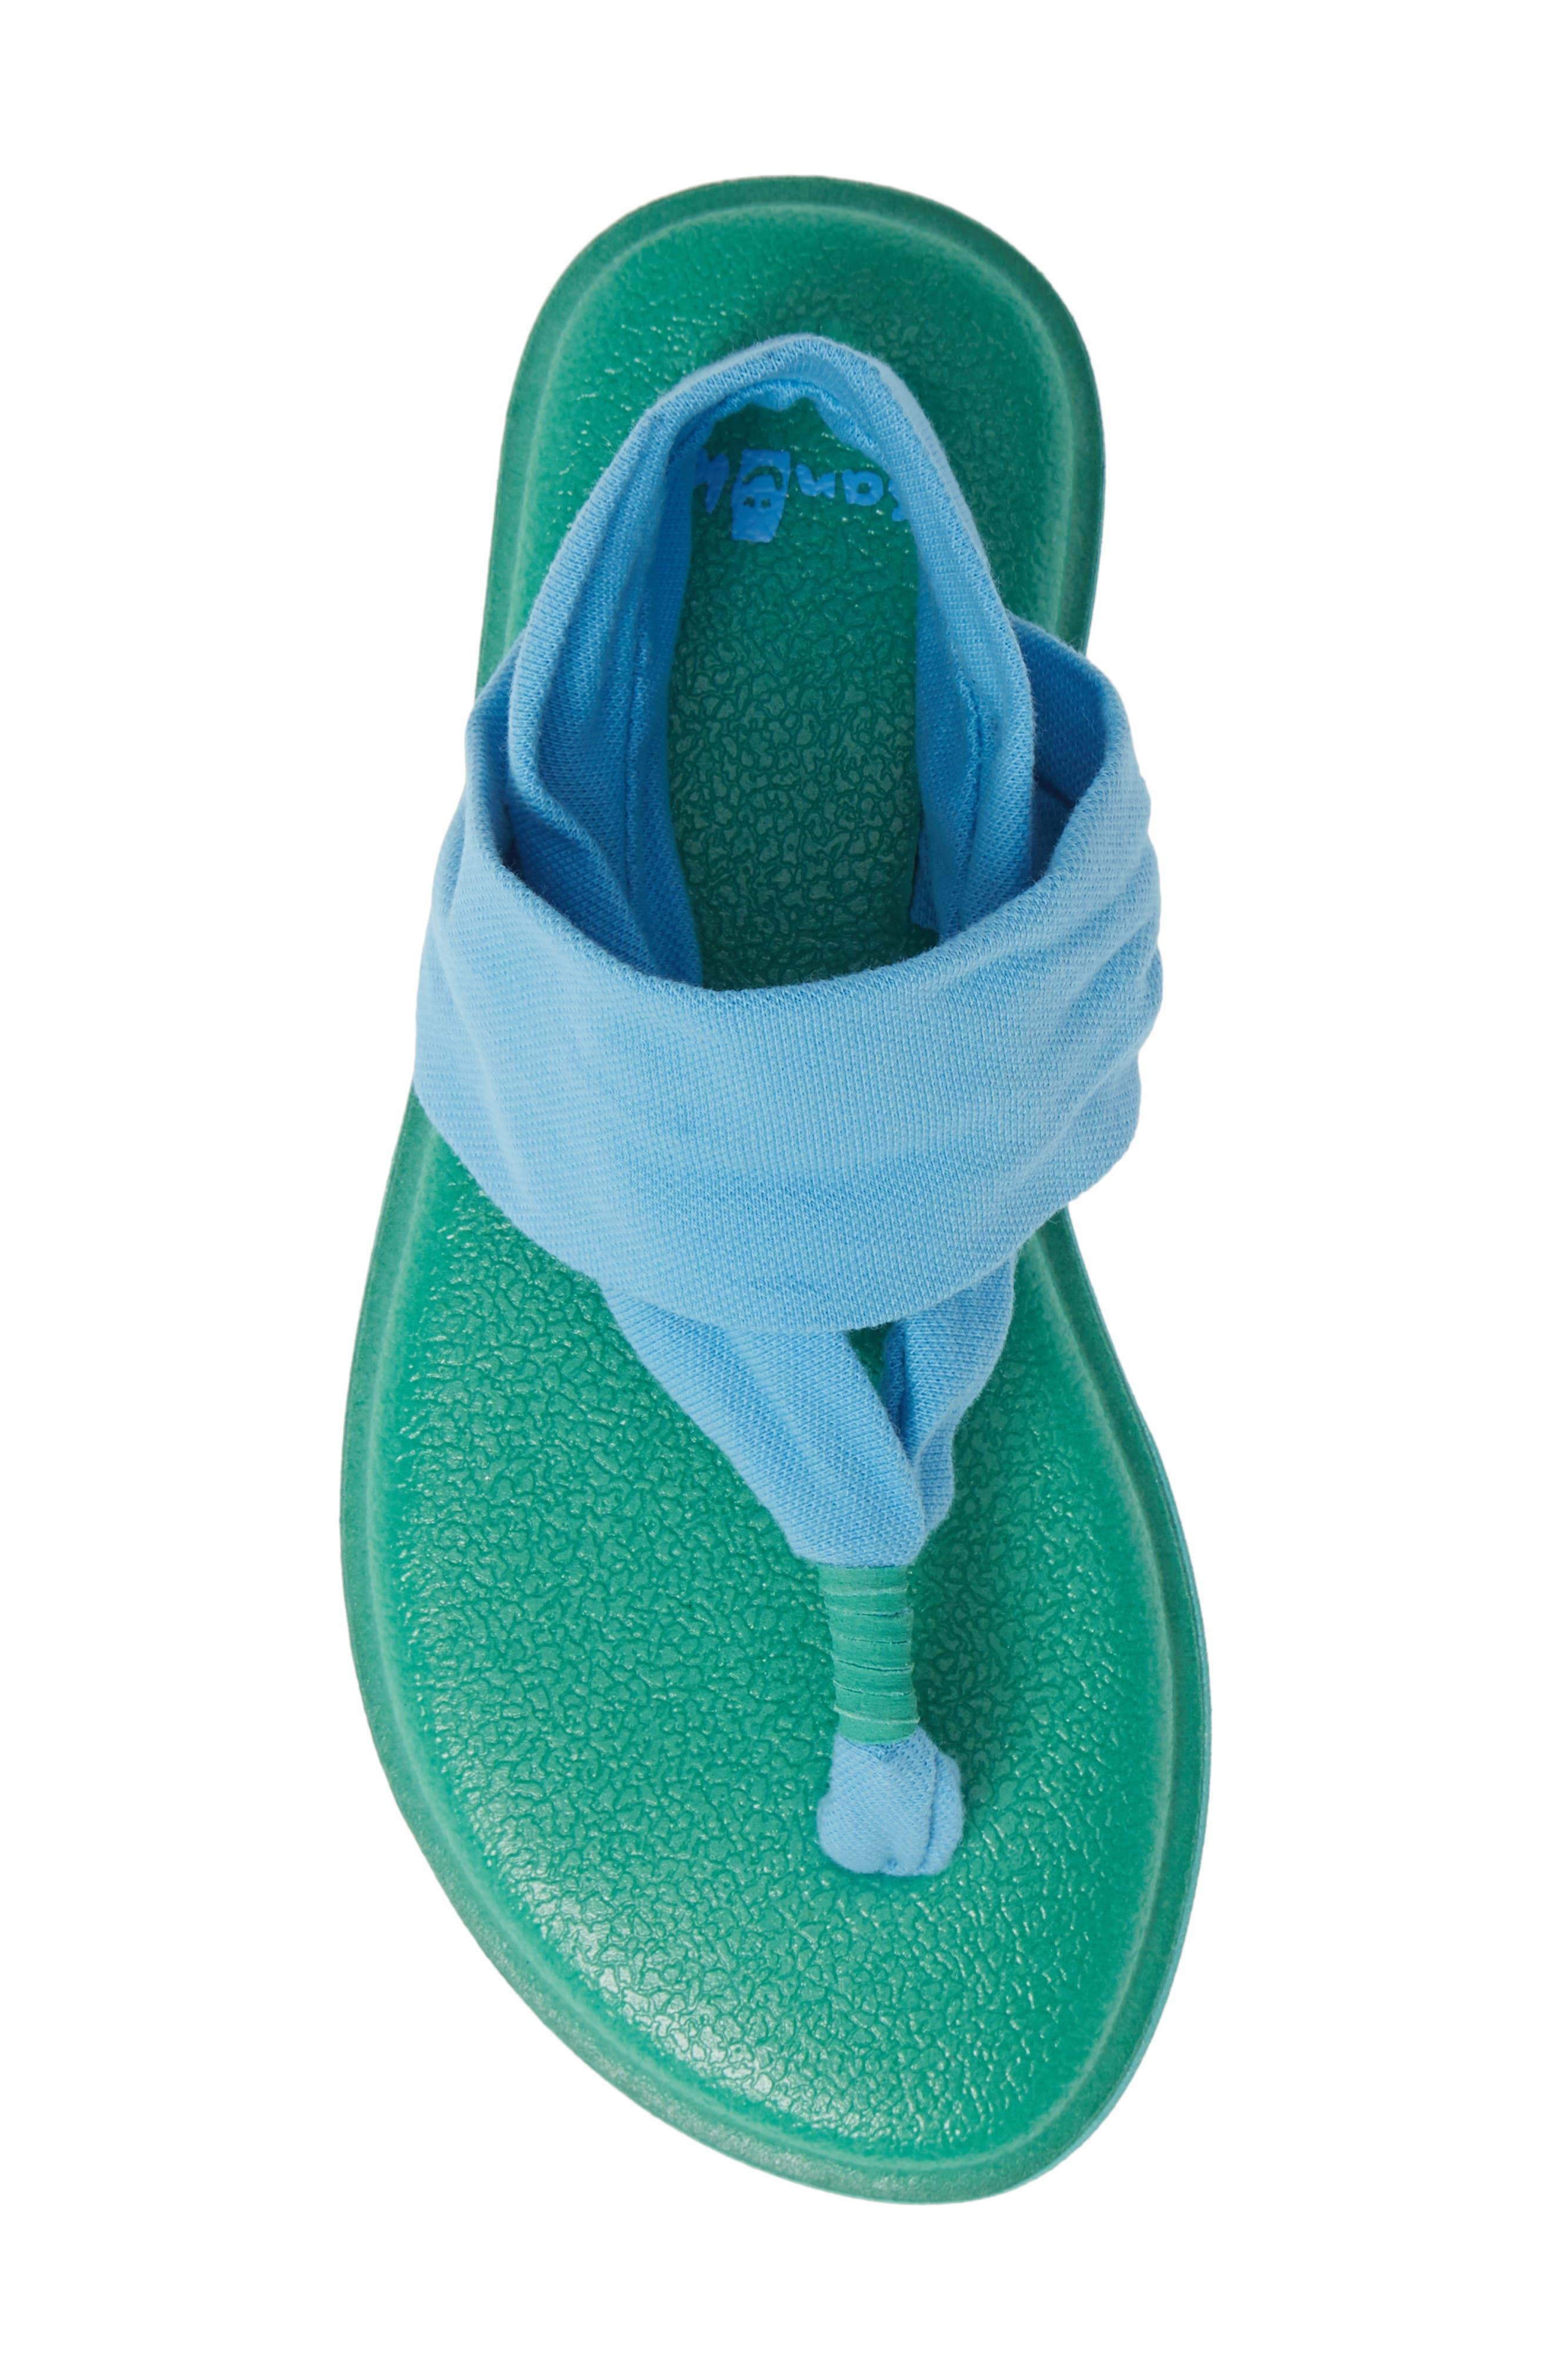 SANUK, Lil Yoga Sling 2 Sandal, Alternate thumbnail 5, color, ALASKA BLUE